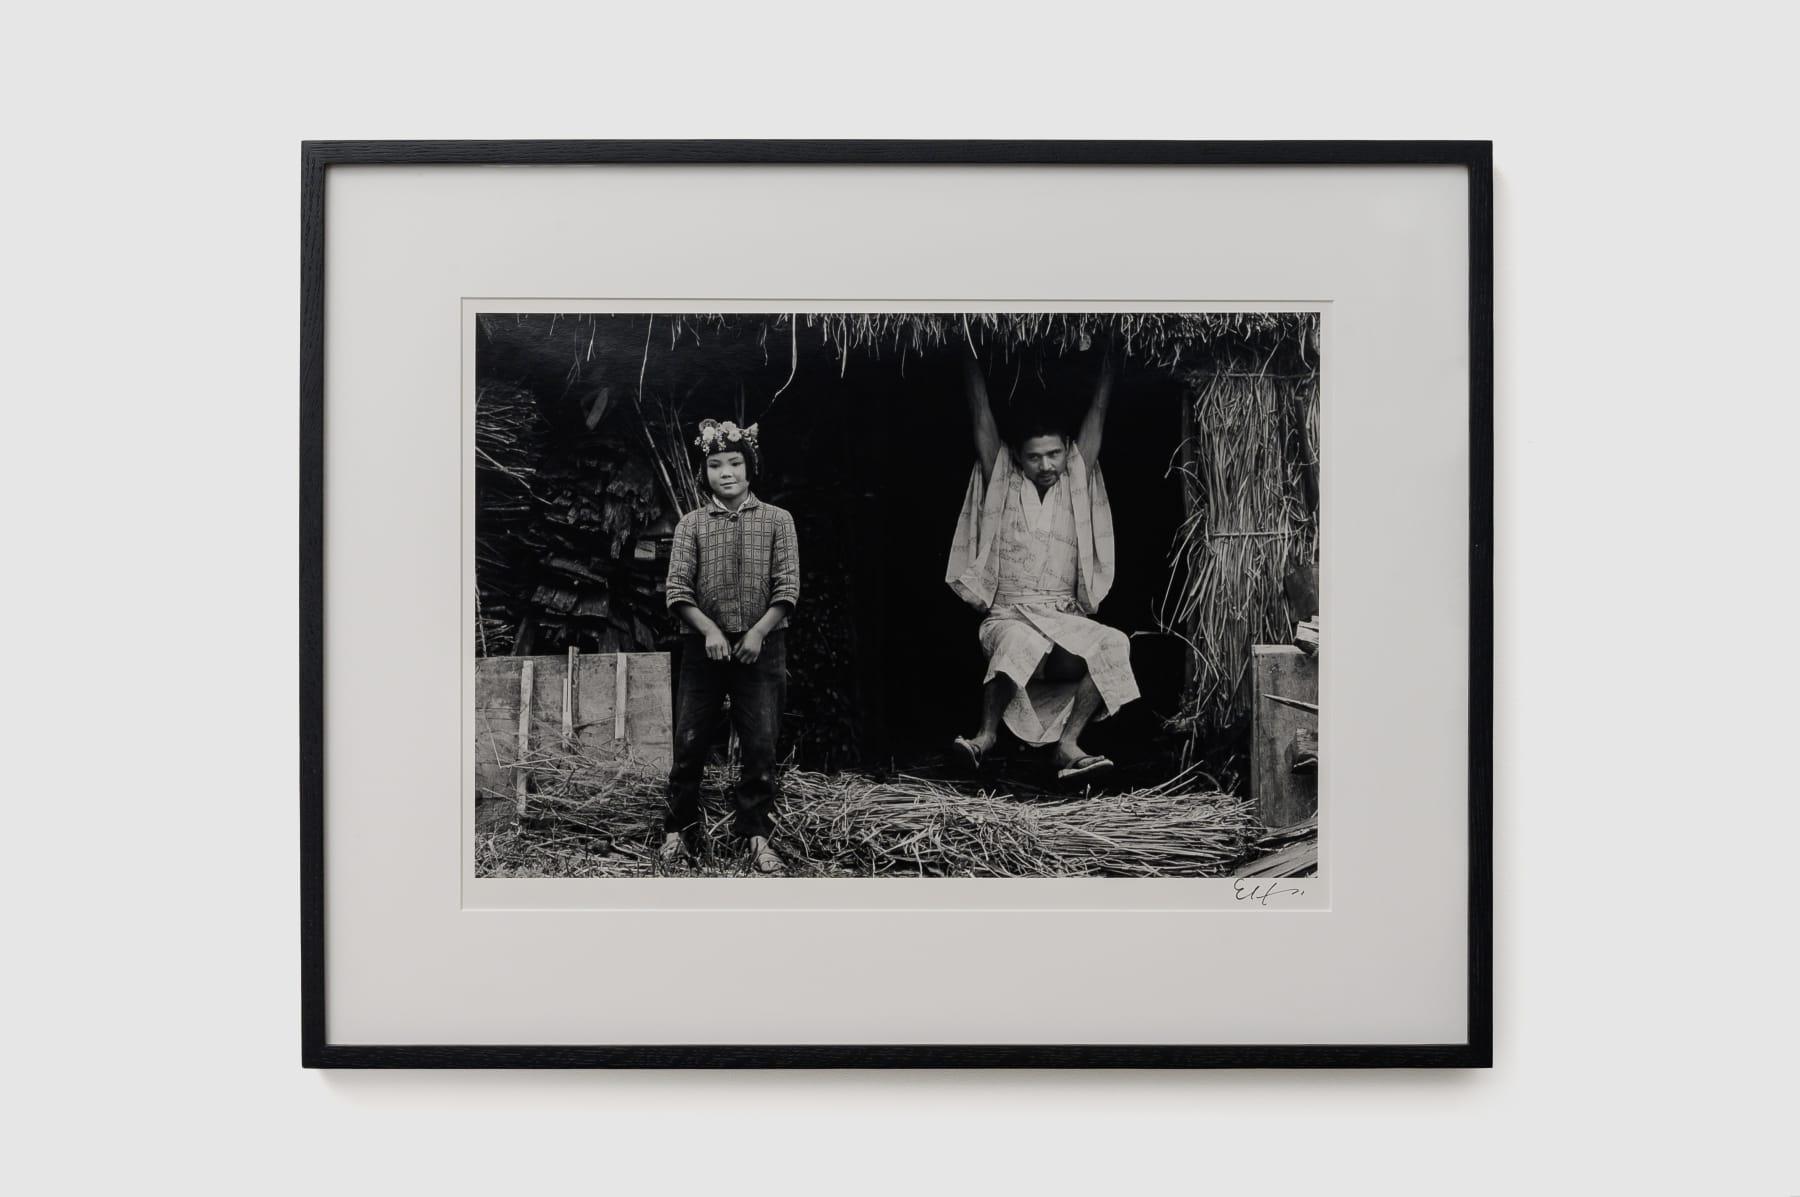 Eikoh Hosoe, Kamaitachi #19, 1965/ 2007